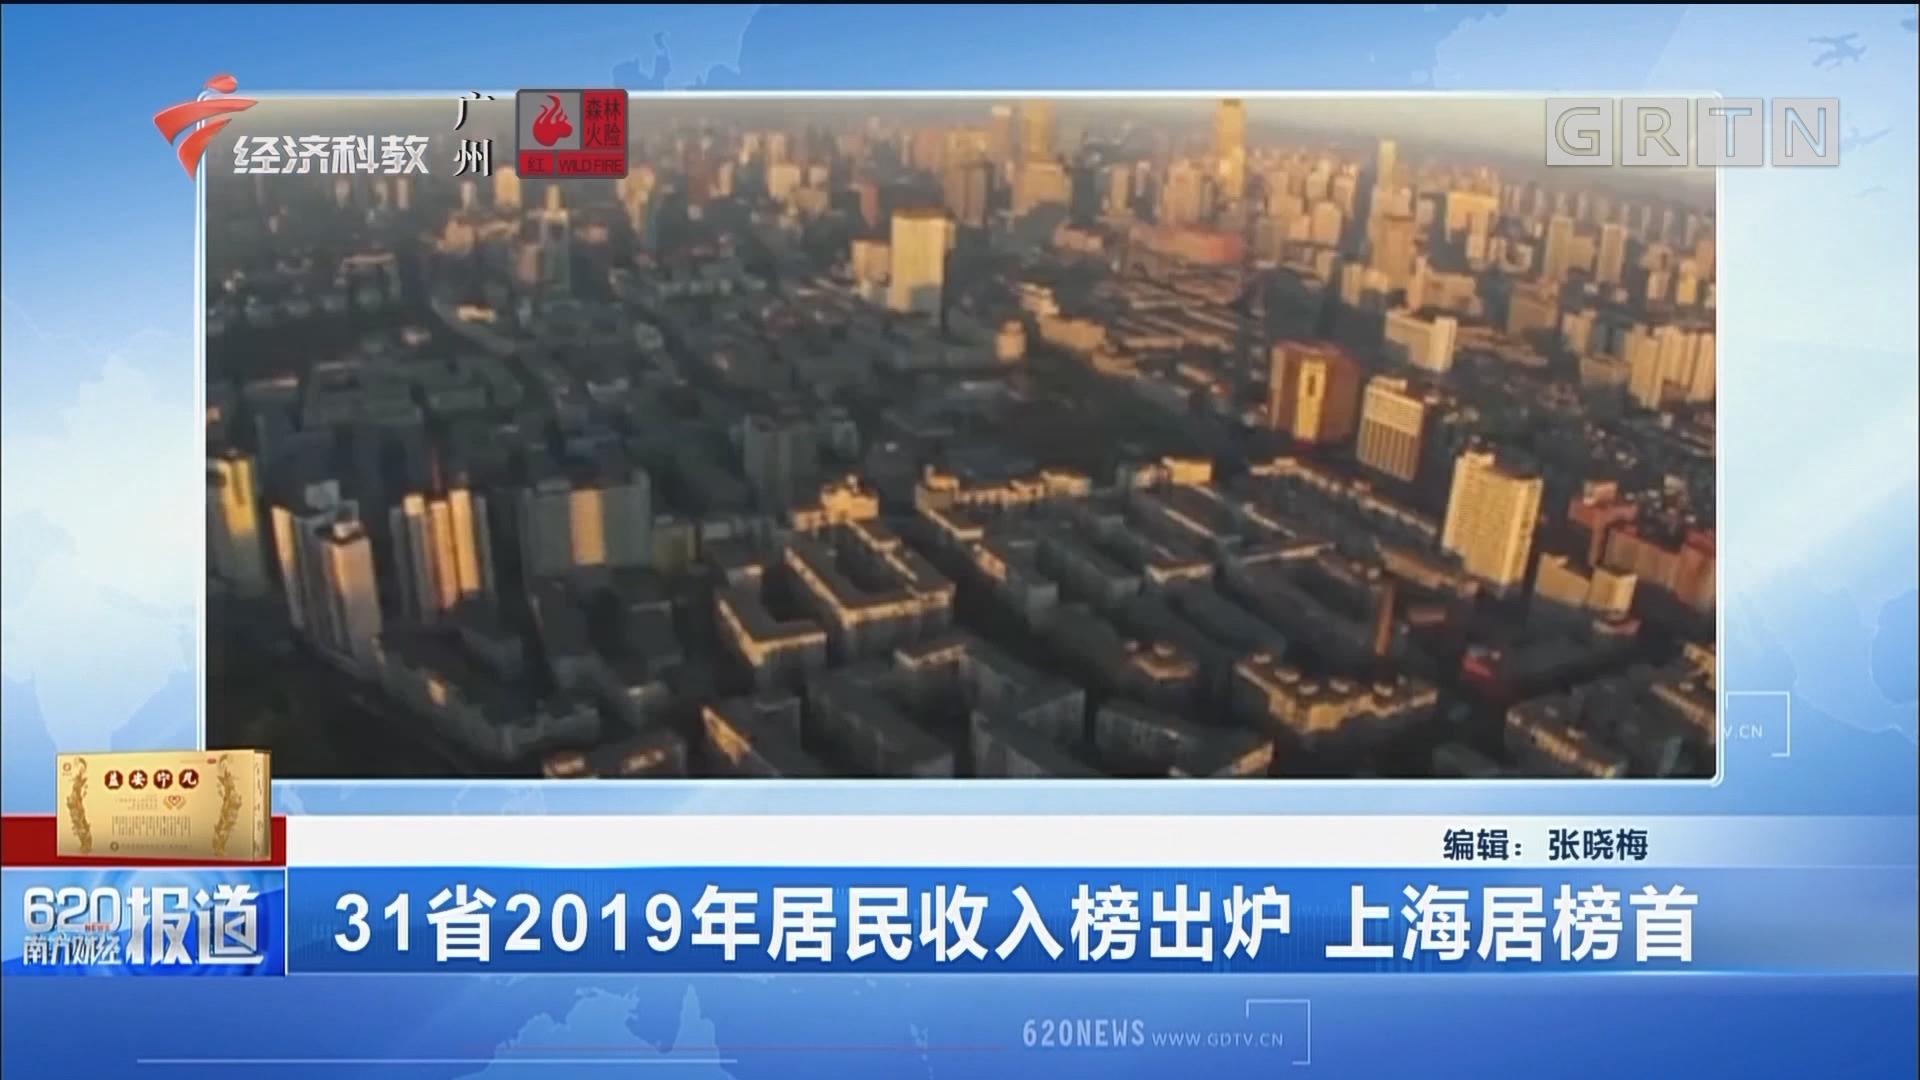 31省2019年居民收入榜出炉 上海居榜首